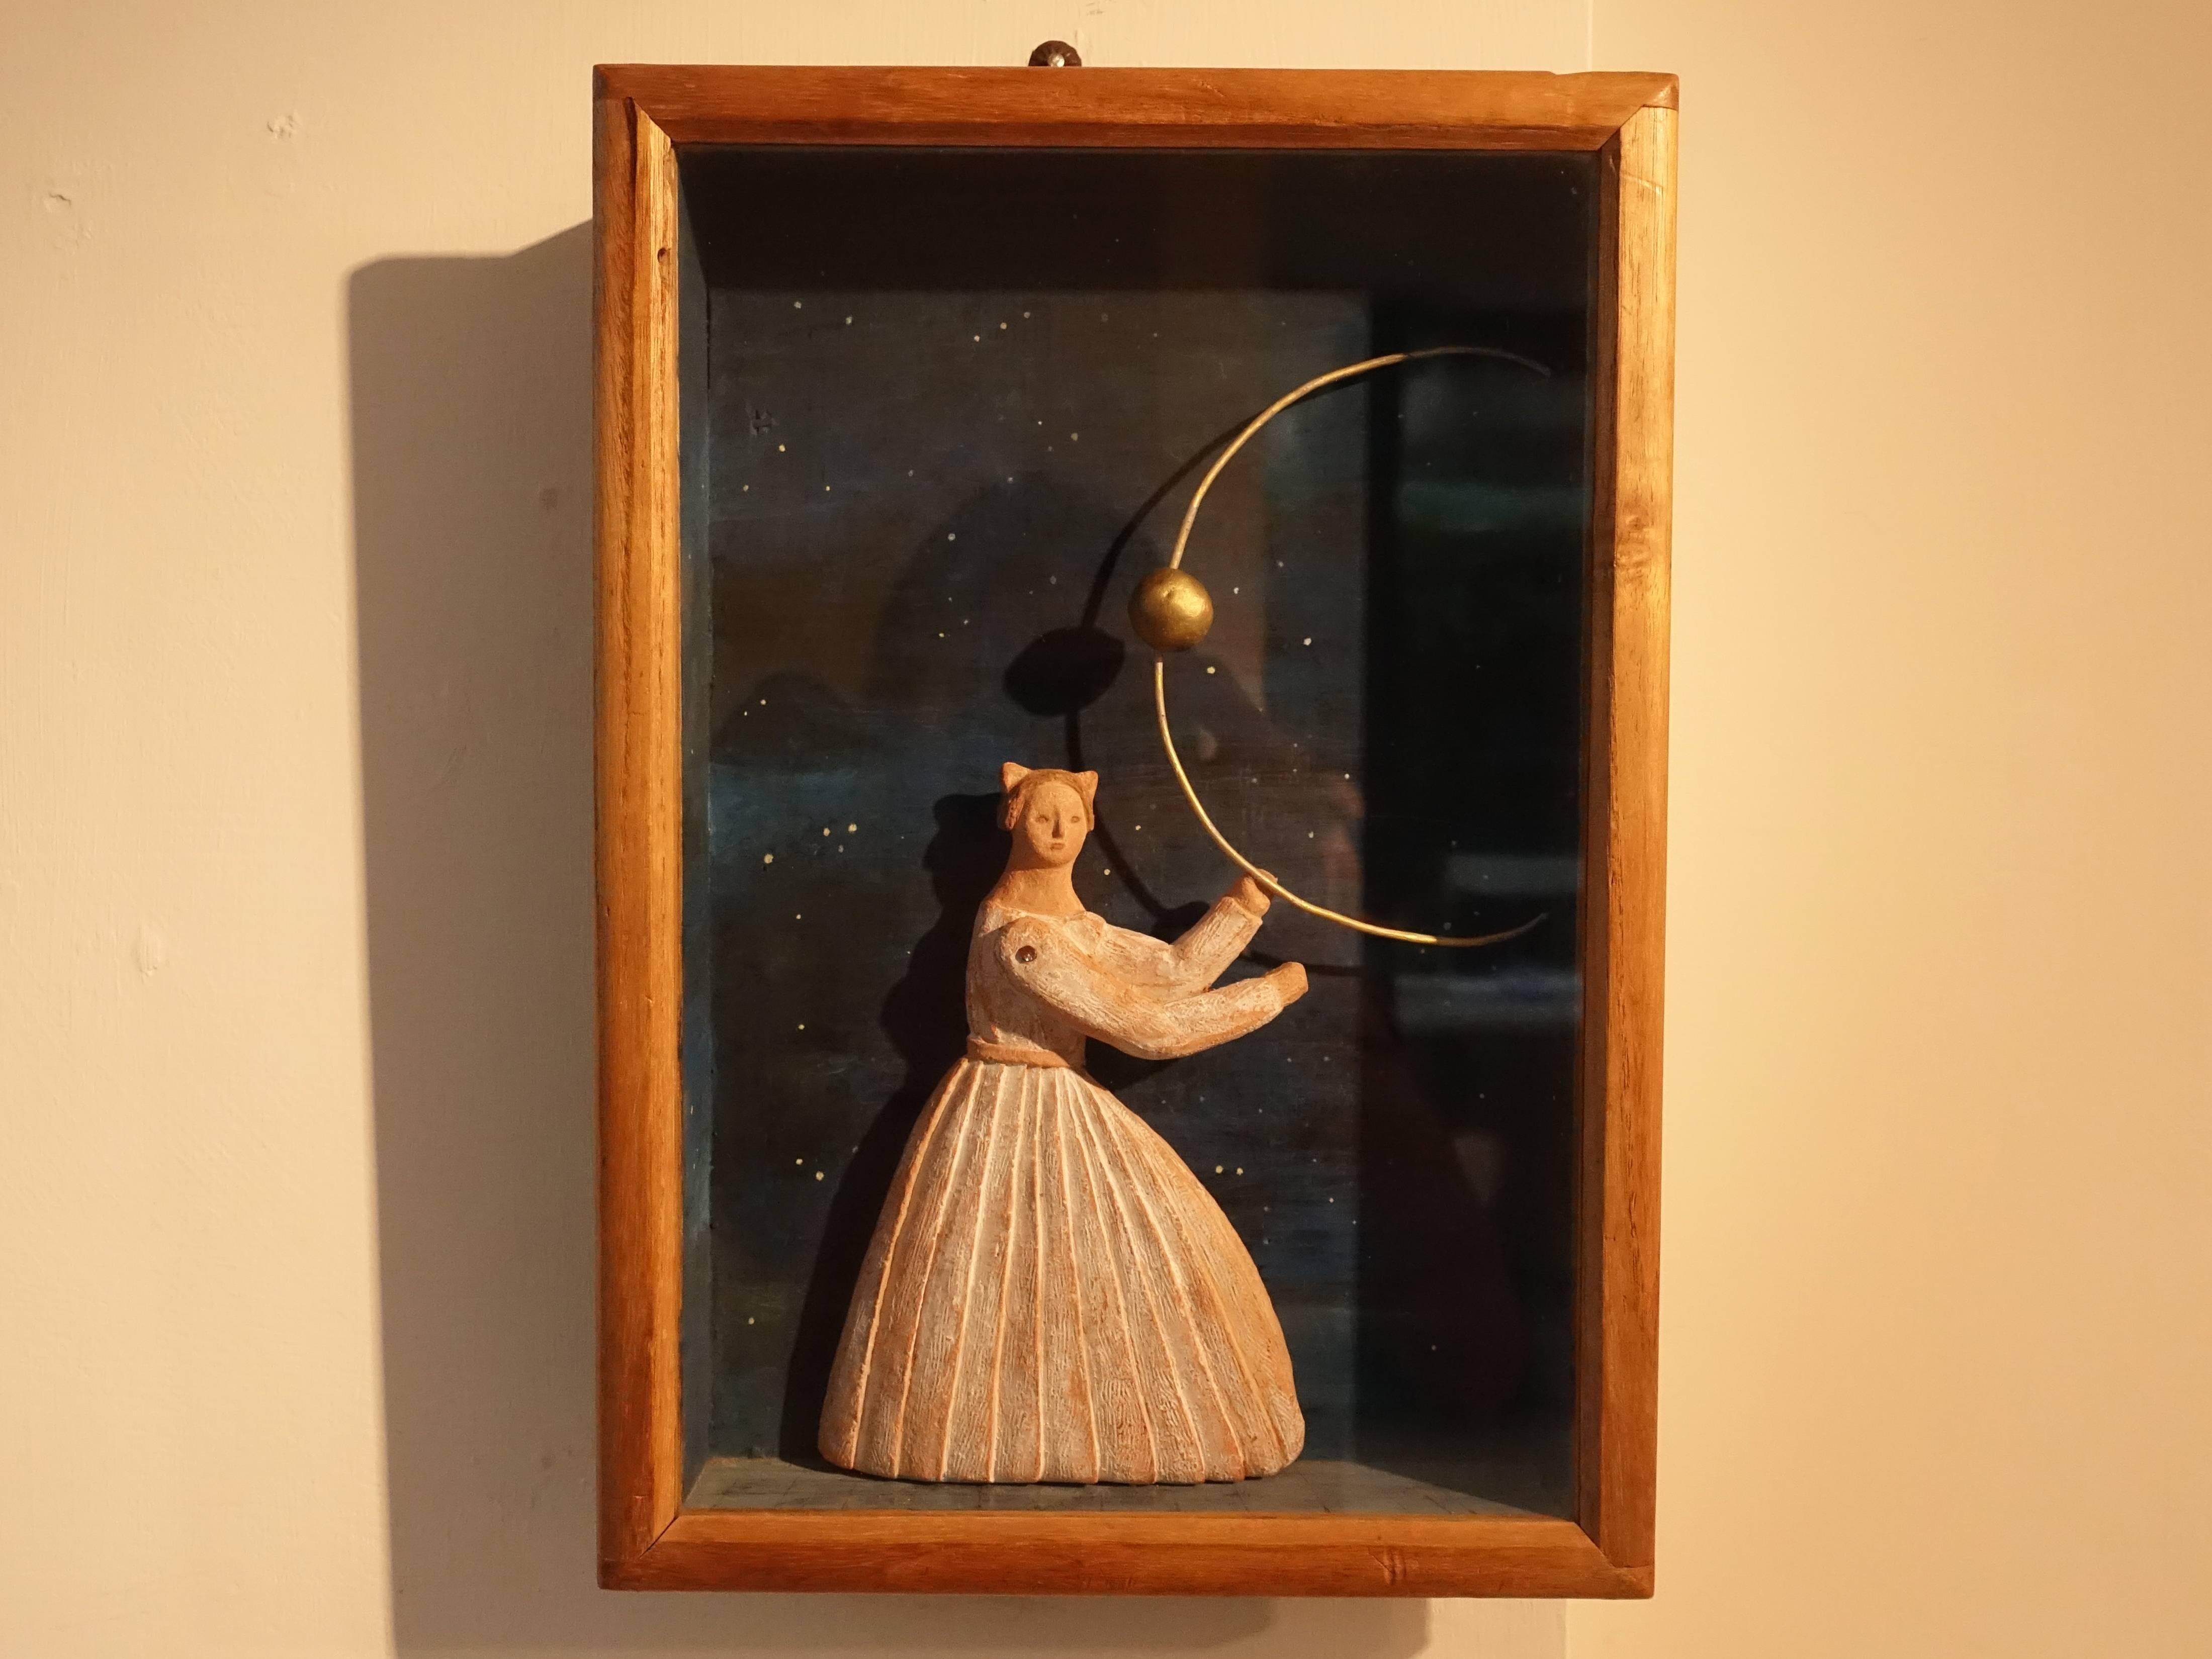 林怡芬,《原生的秘境(三)》,33 x 23 x 4.5 cm,Terra cotta、礦物質顏料、木材、玻璃、金屬,2019。